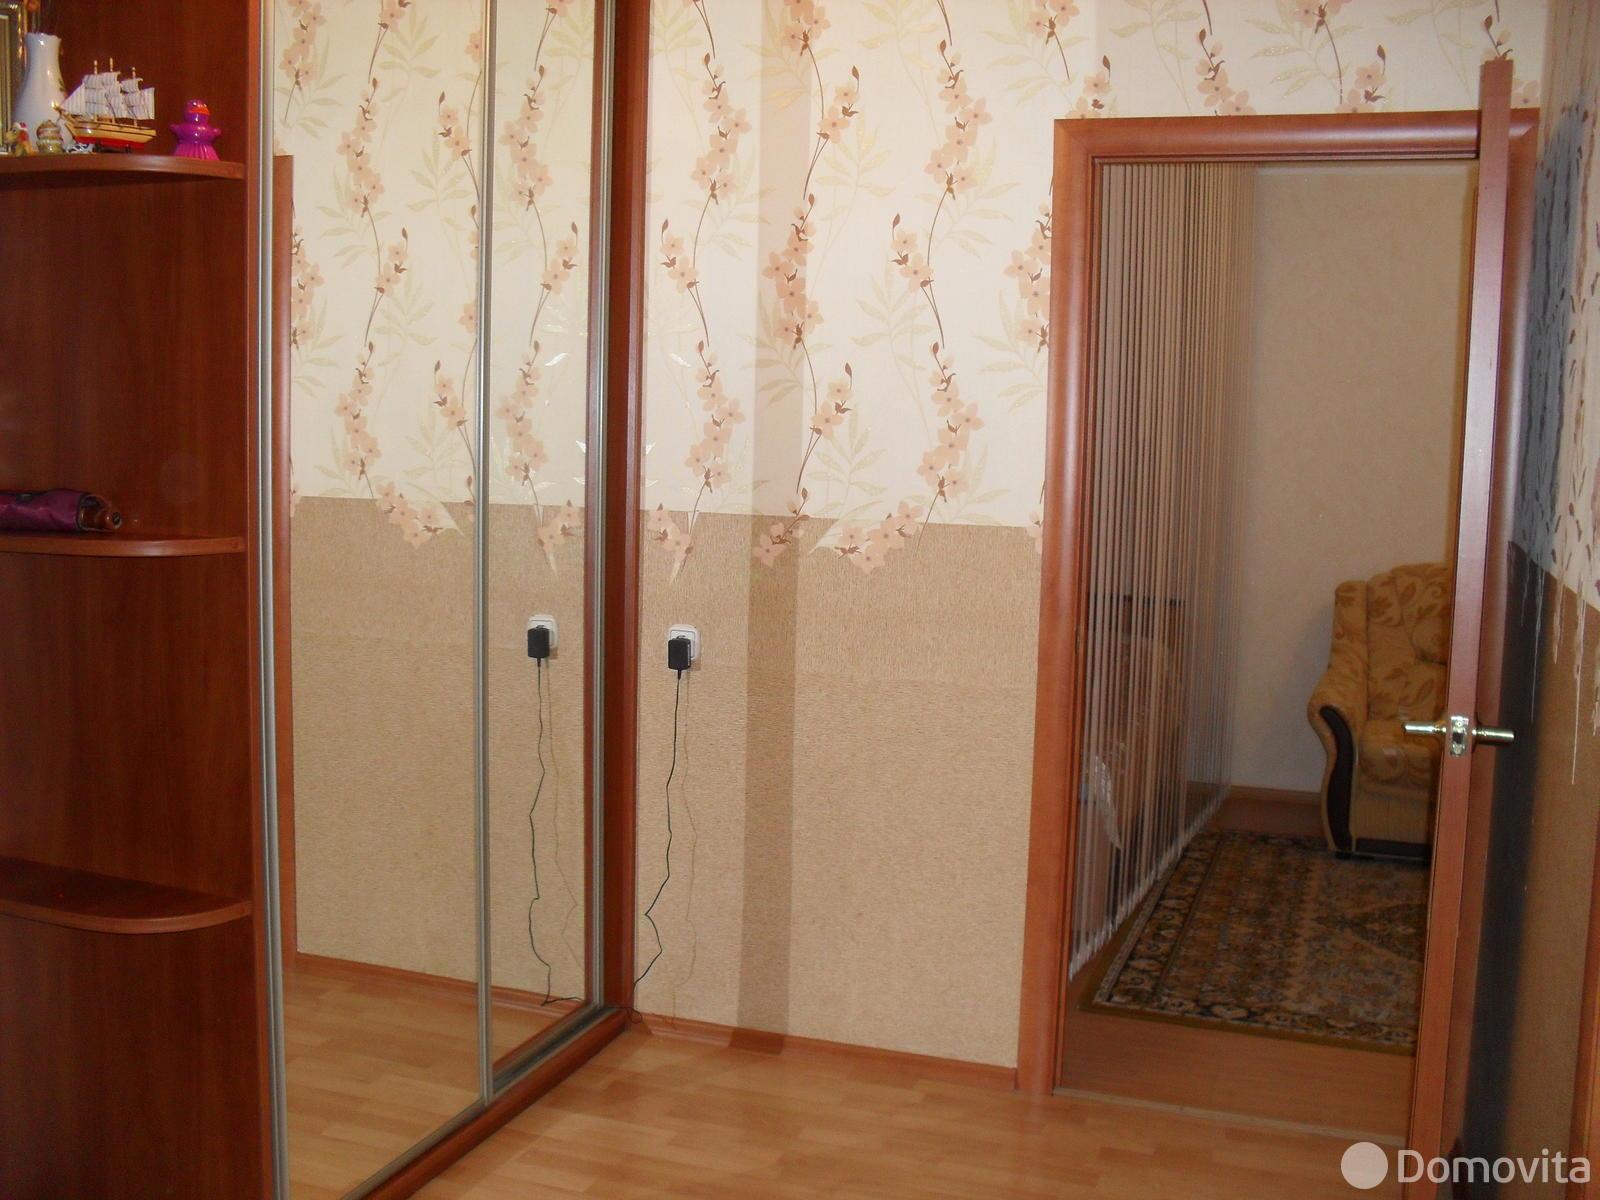 Продажа 2-комнатной квартиры в Минске, ул. Наполеона Орды, д. 35 - фото 2